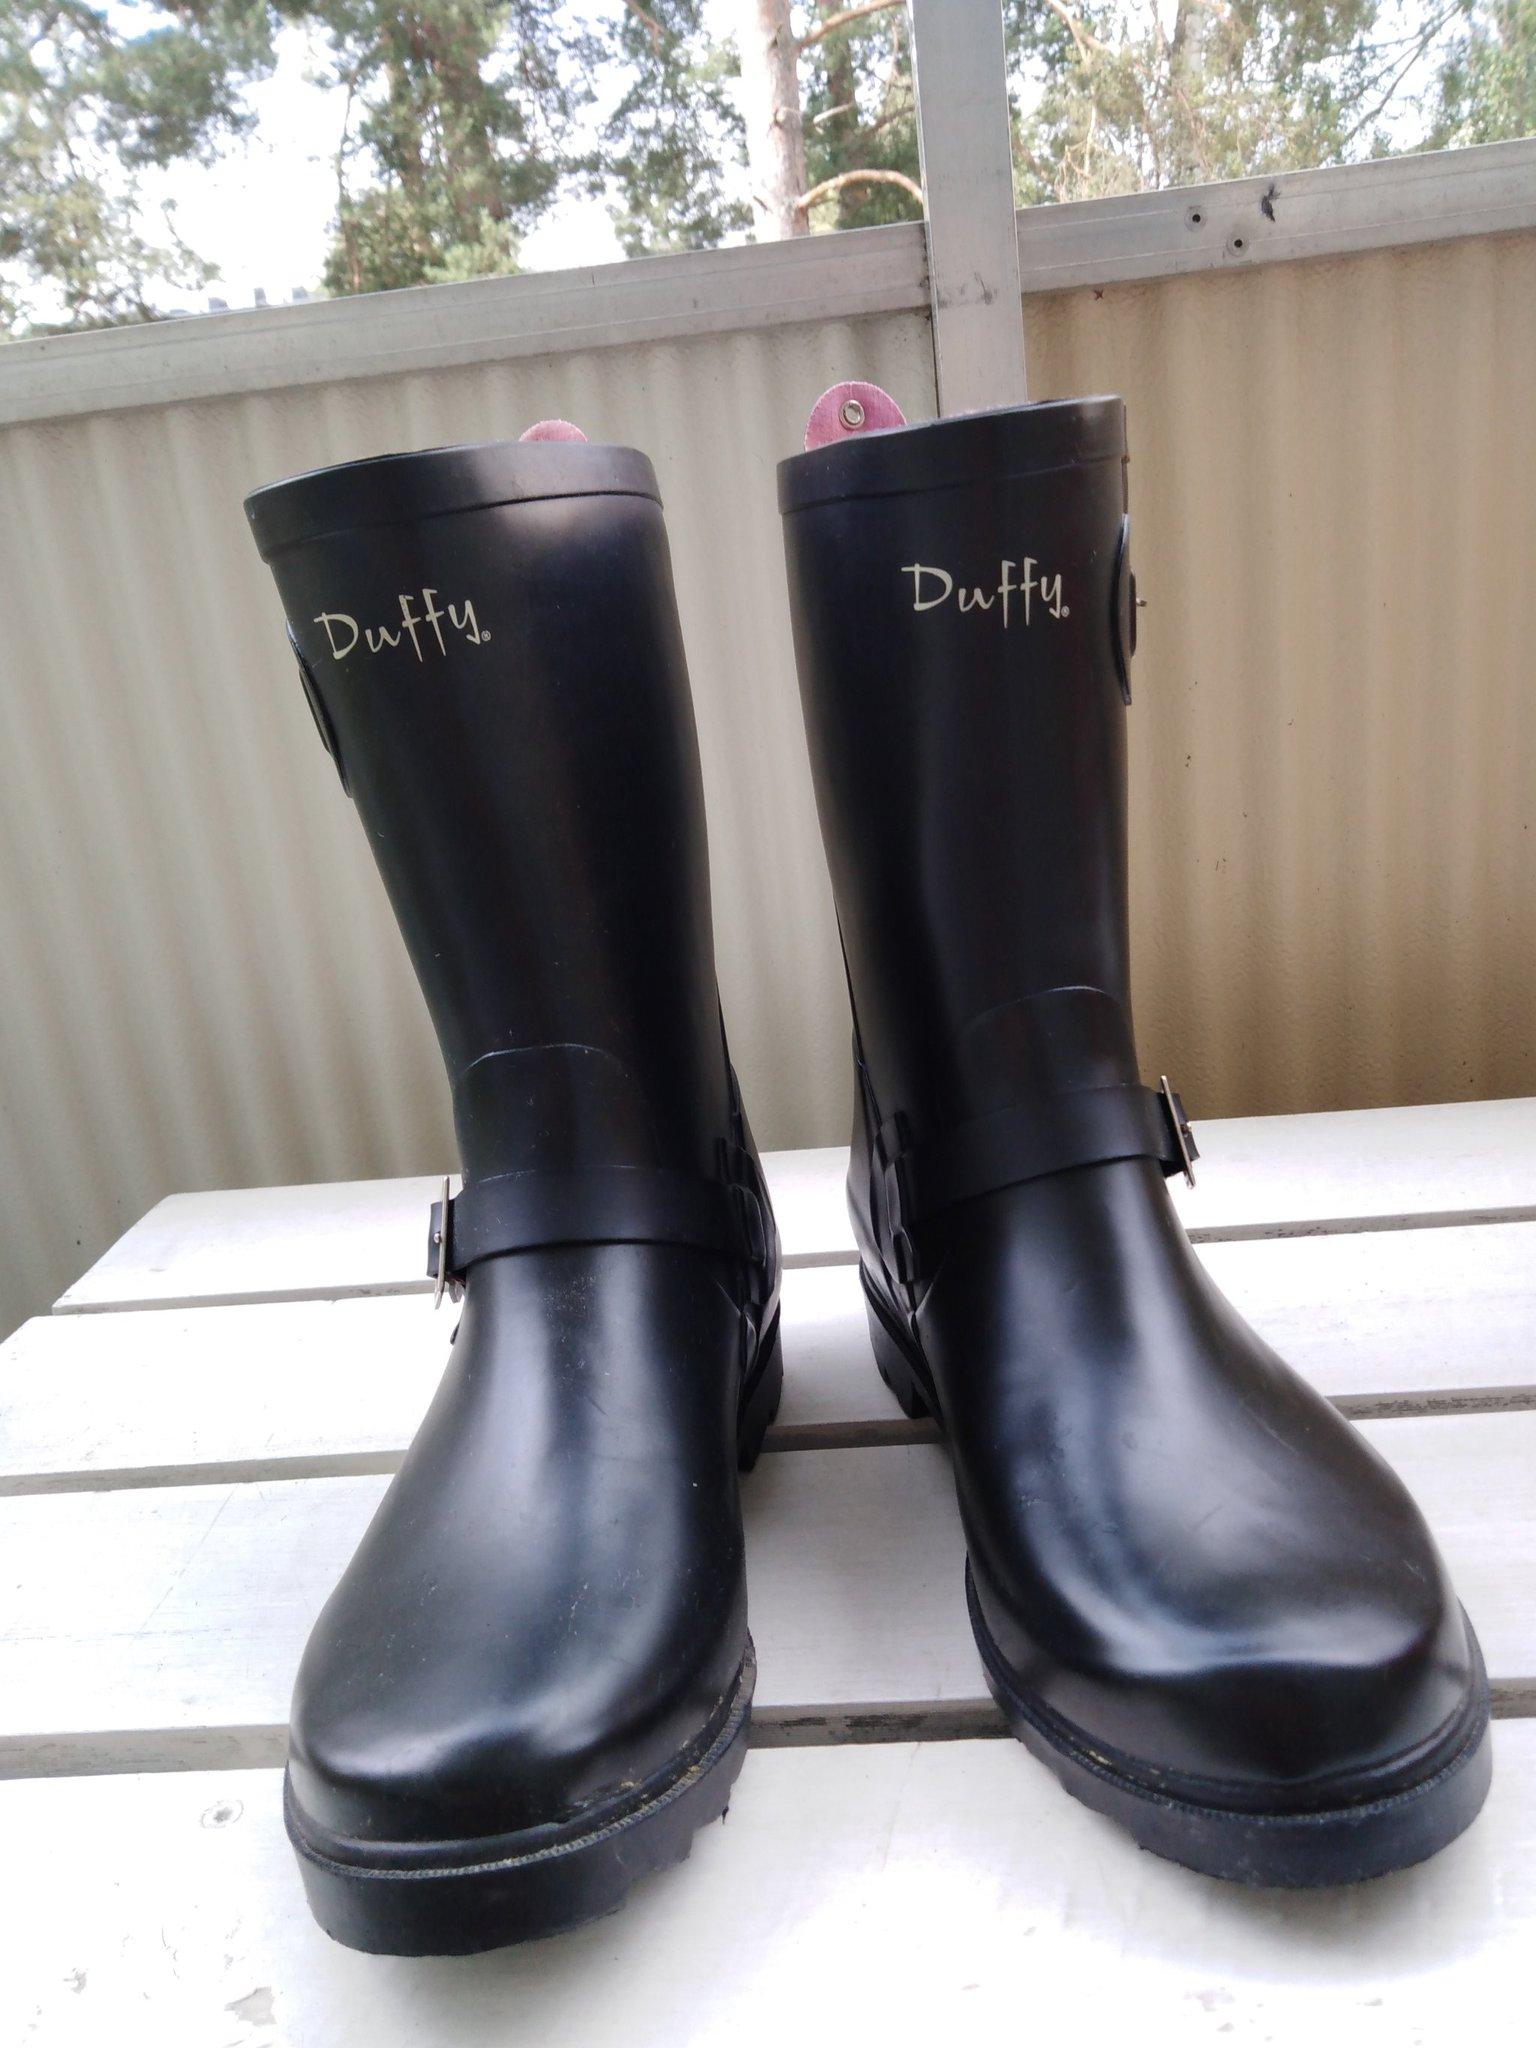 Regn stövlar Duffy storlek 37 (409997136) ᐈ Köp på Tradera